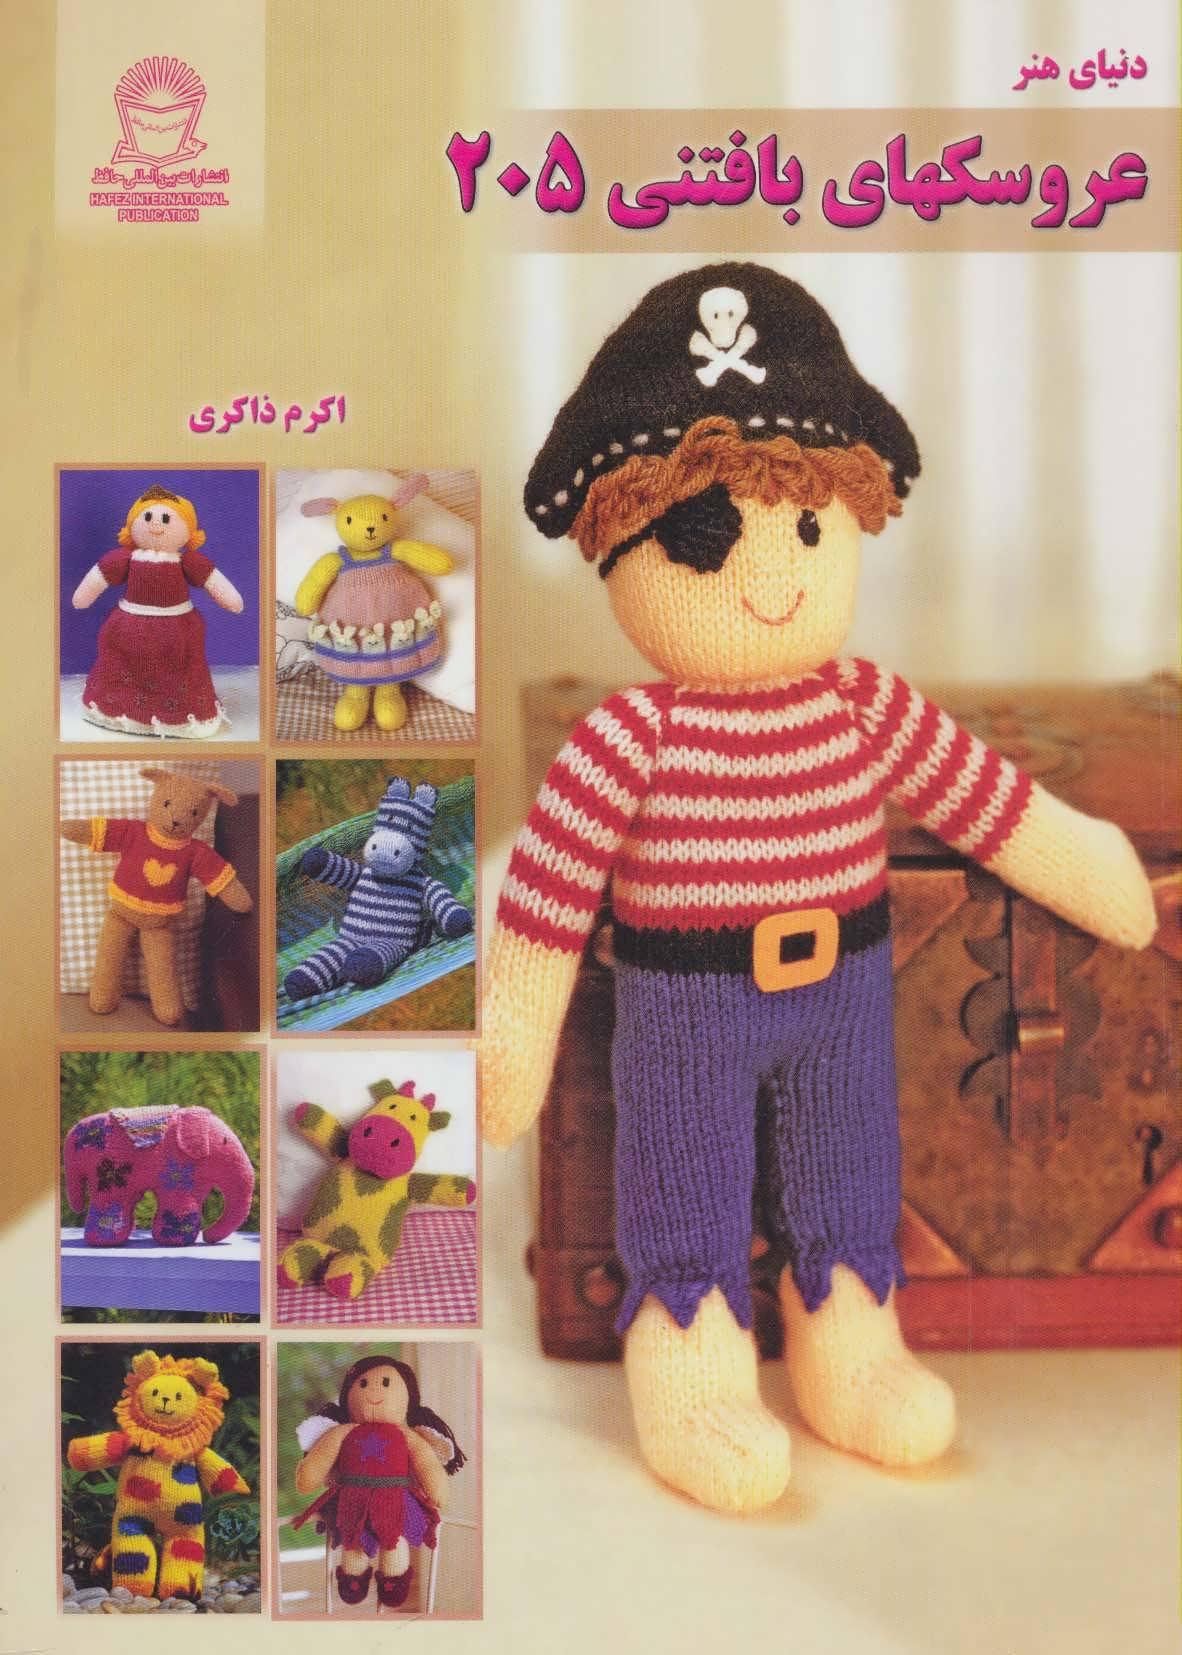 دنیای هنر عروسکهای بافتنی205 (گلاسه)